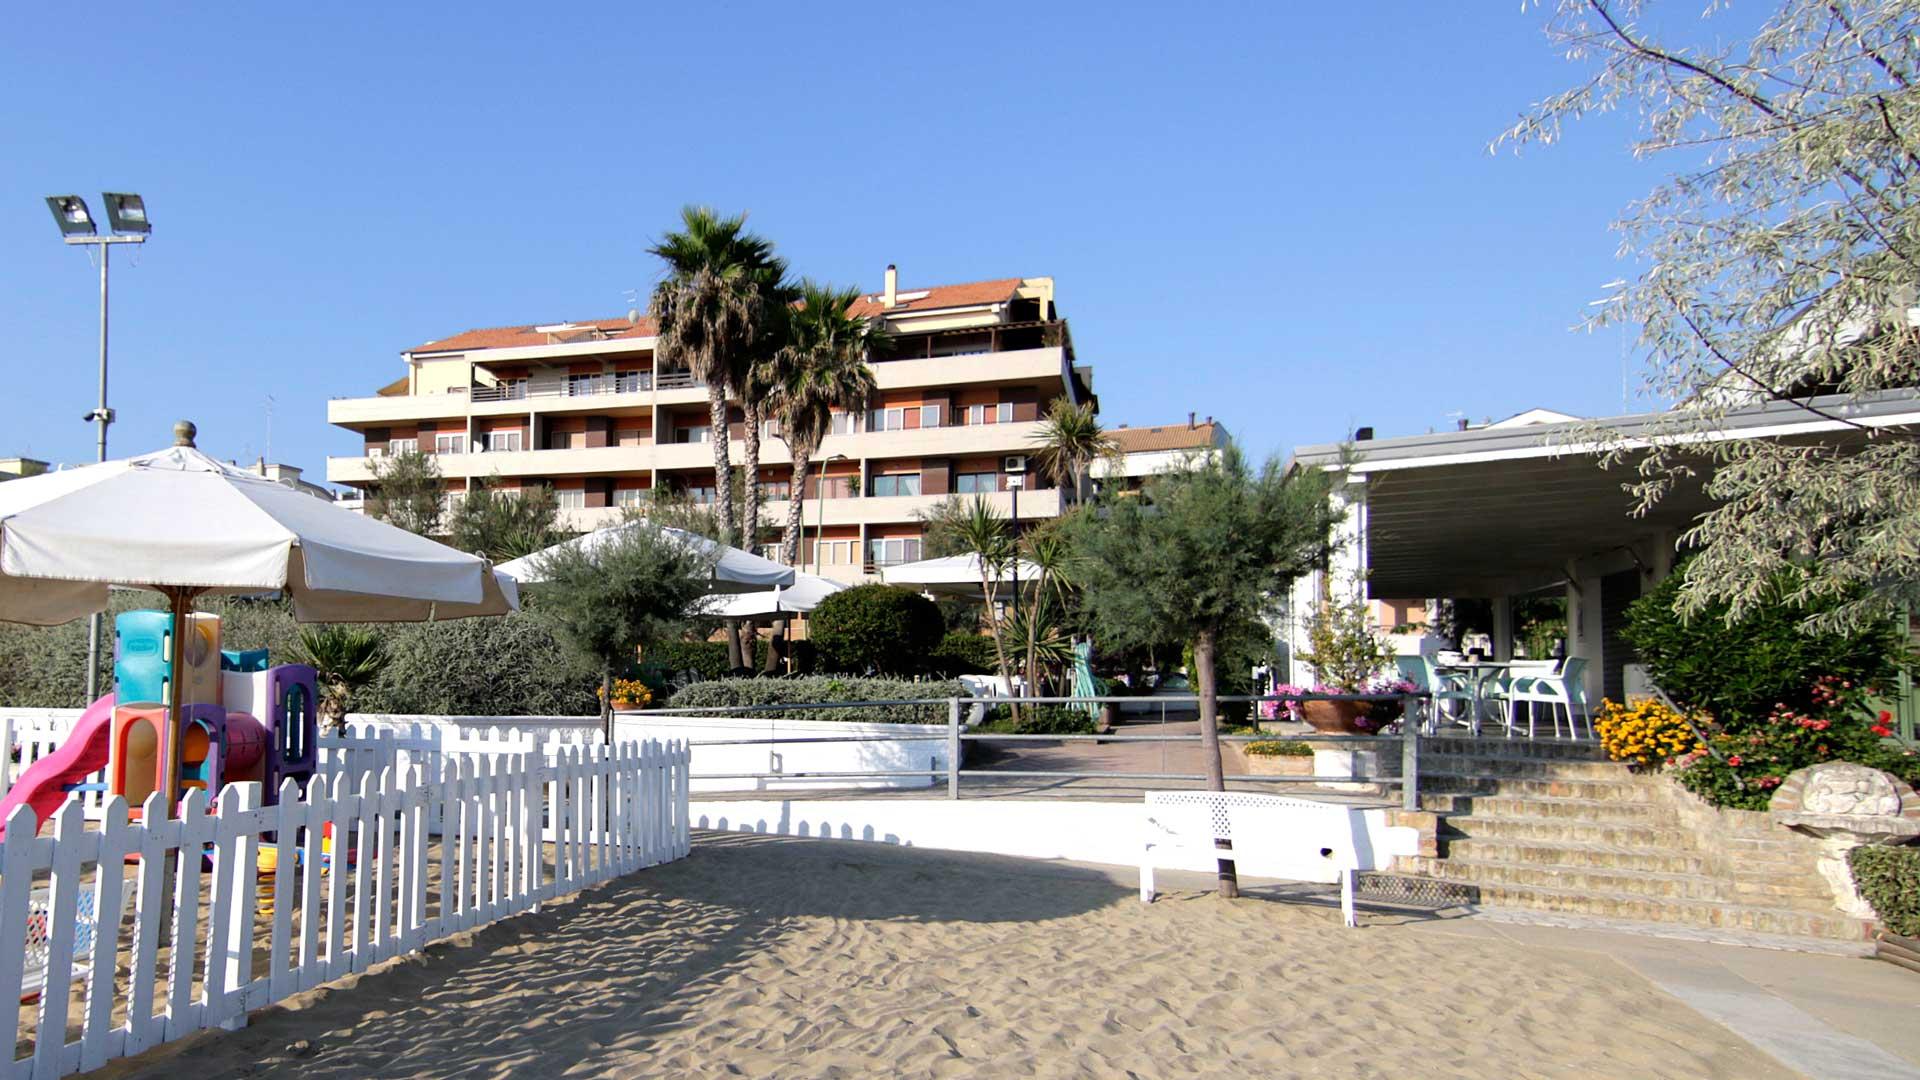 Pescara Strand hotel bellariva pescara a ridosso sul mare ideale per famiglie